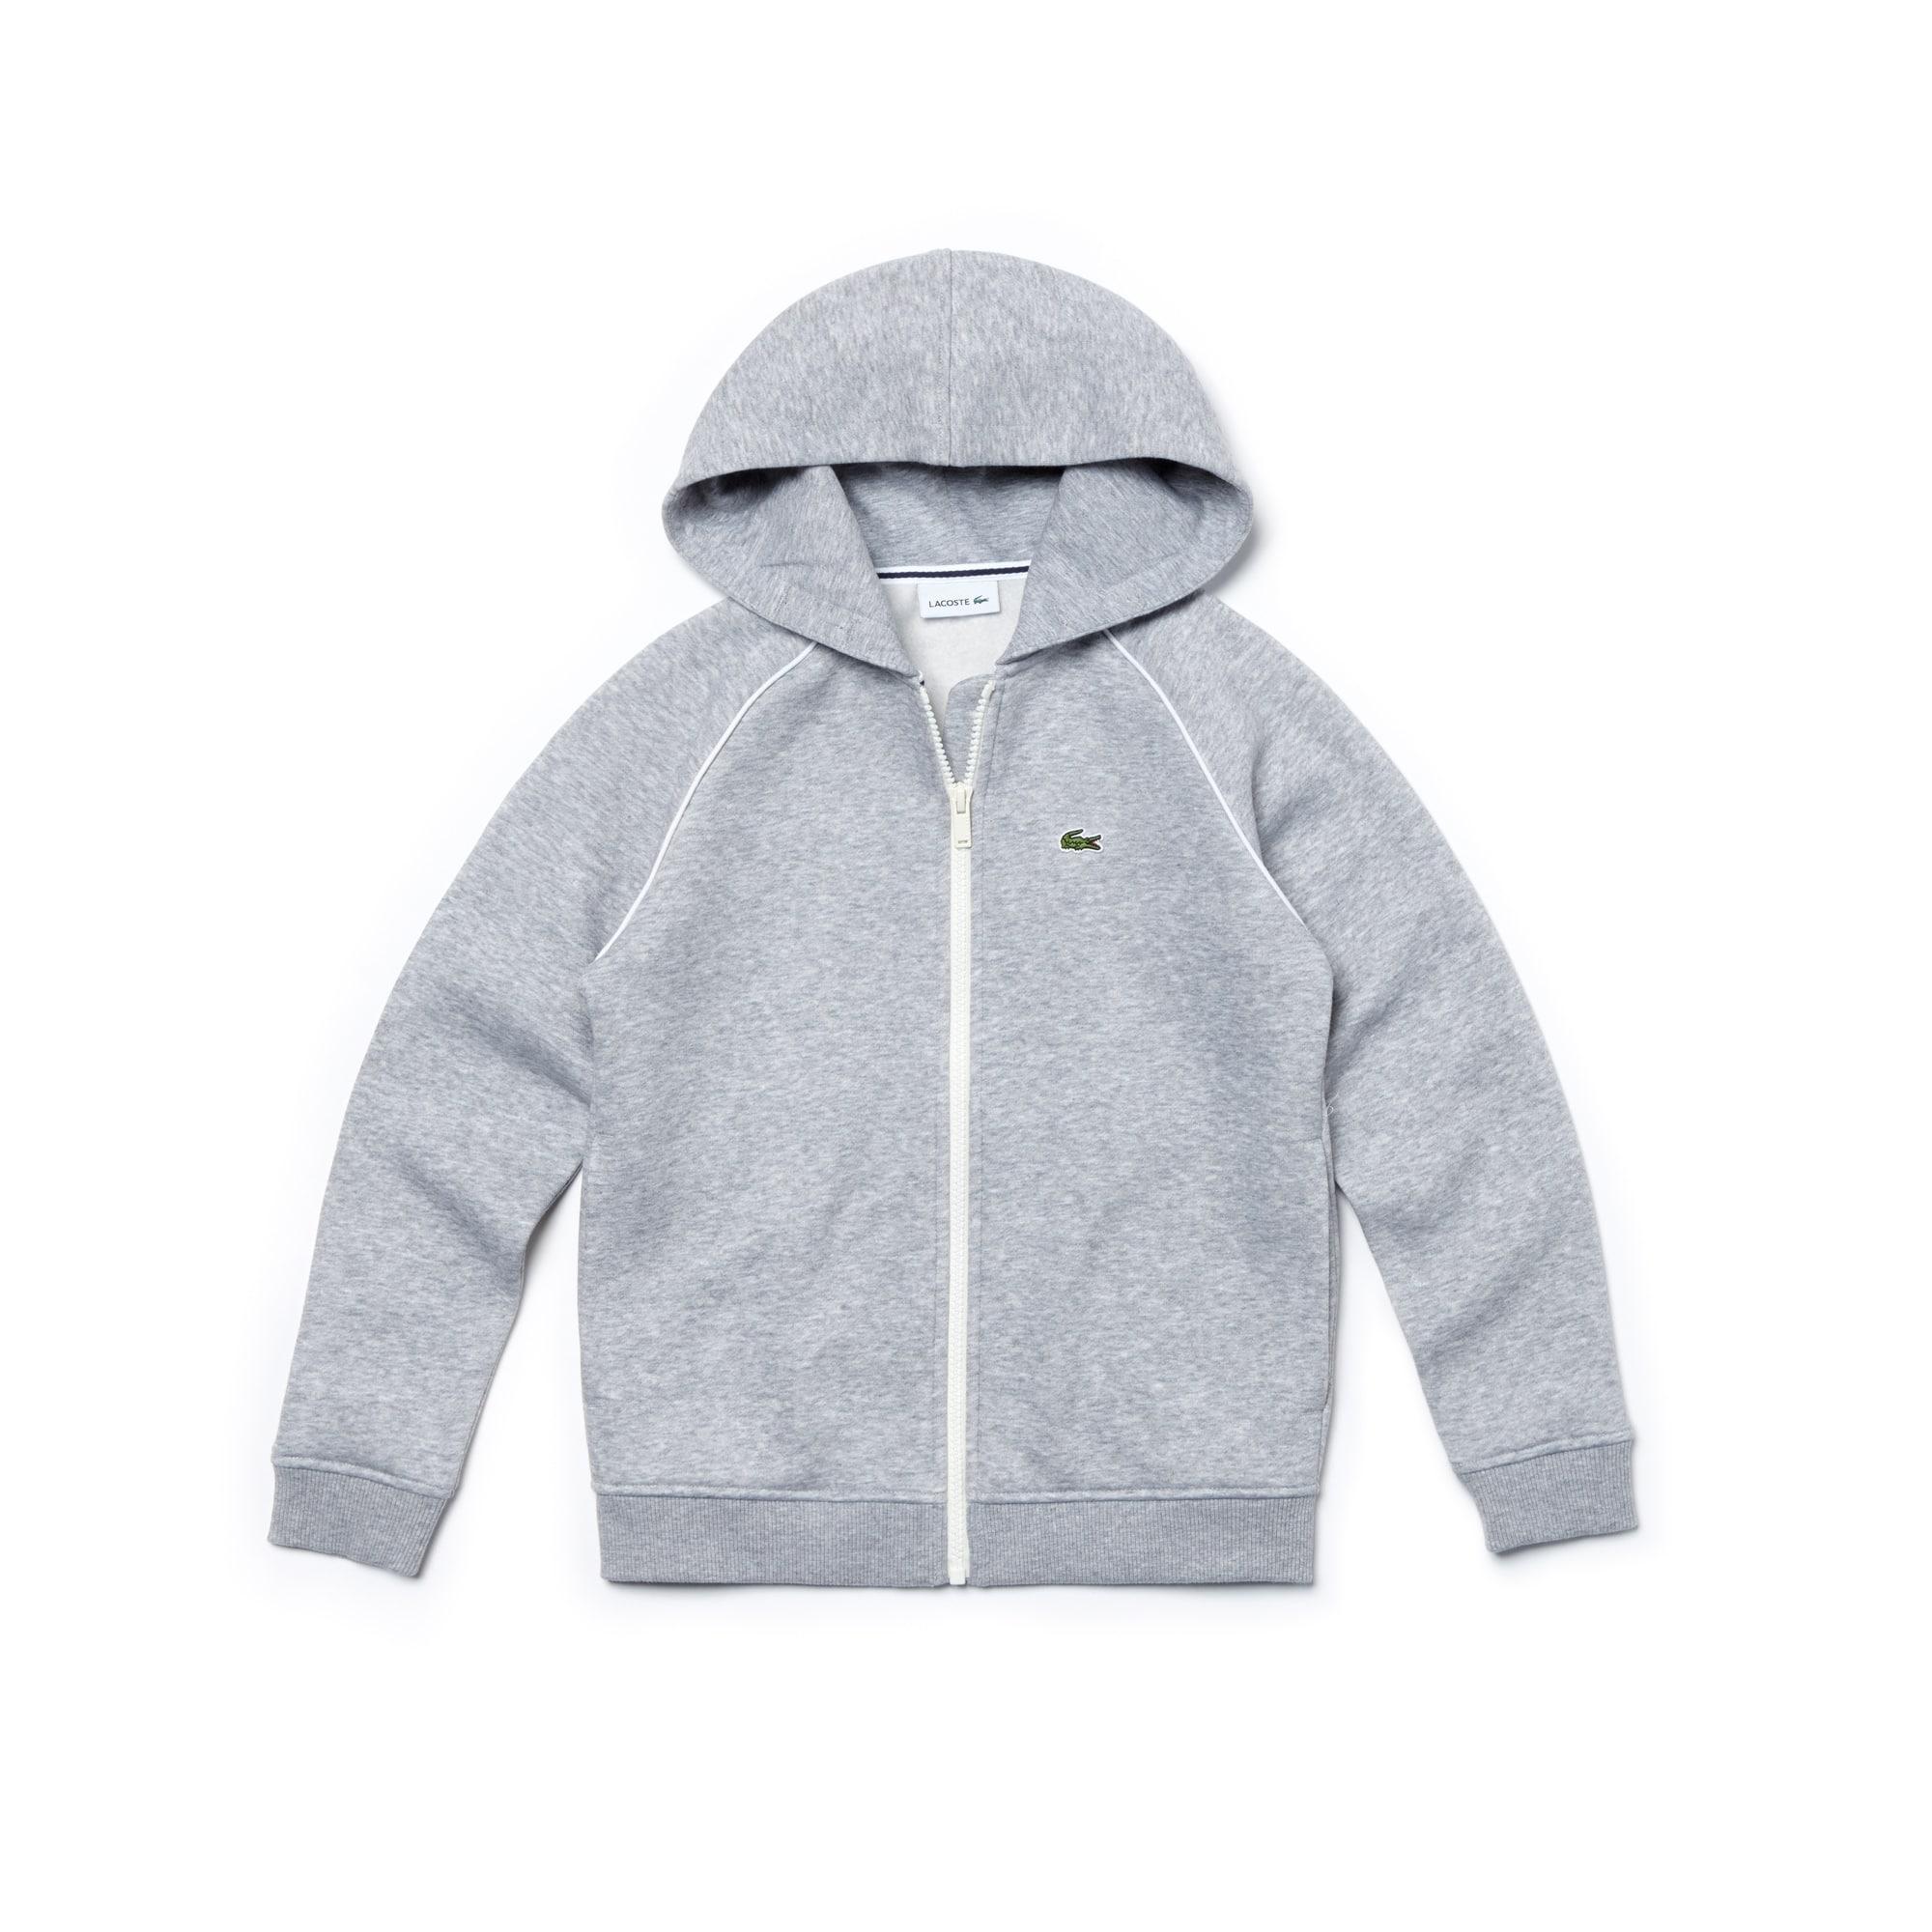 Jungen-Sweatshirt aus Fleece mit Kapuze und Paspeln